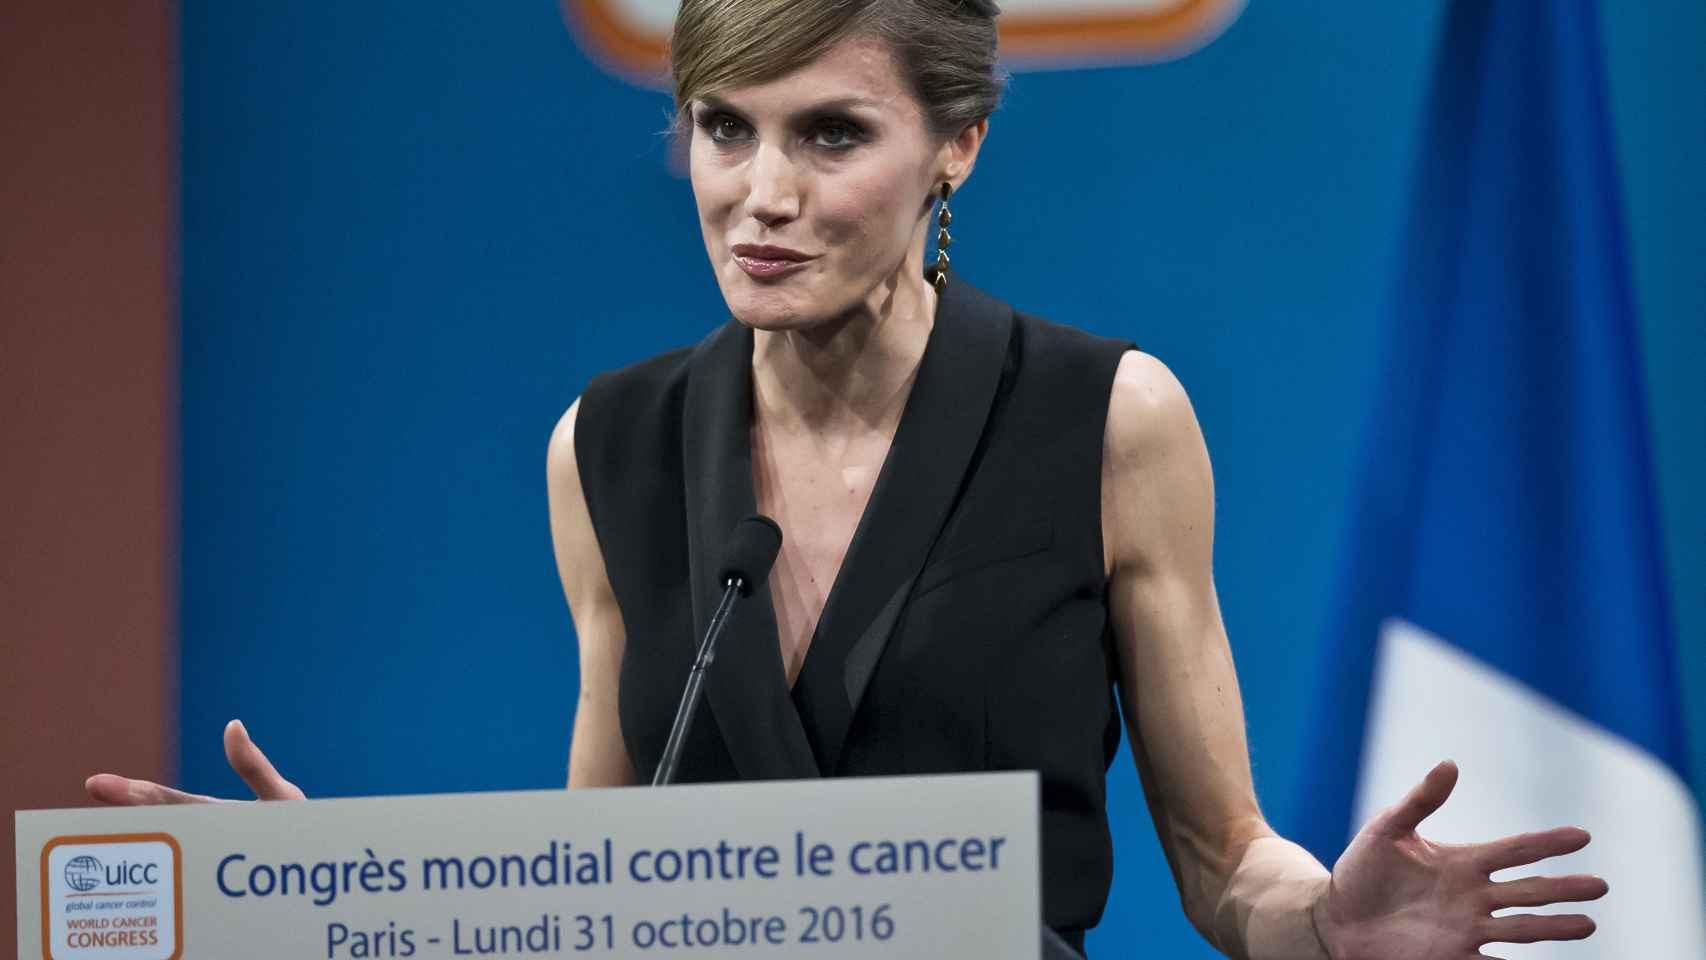 La reina Letizia durante un Congreso de Cáncer en París